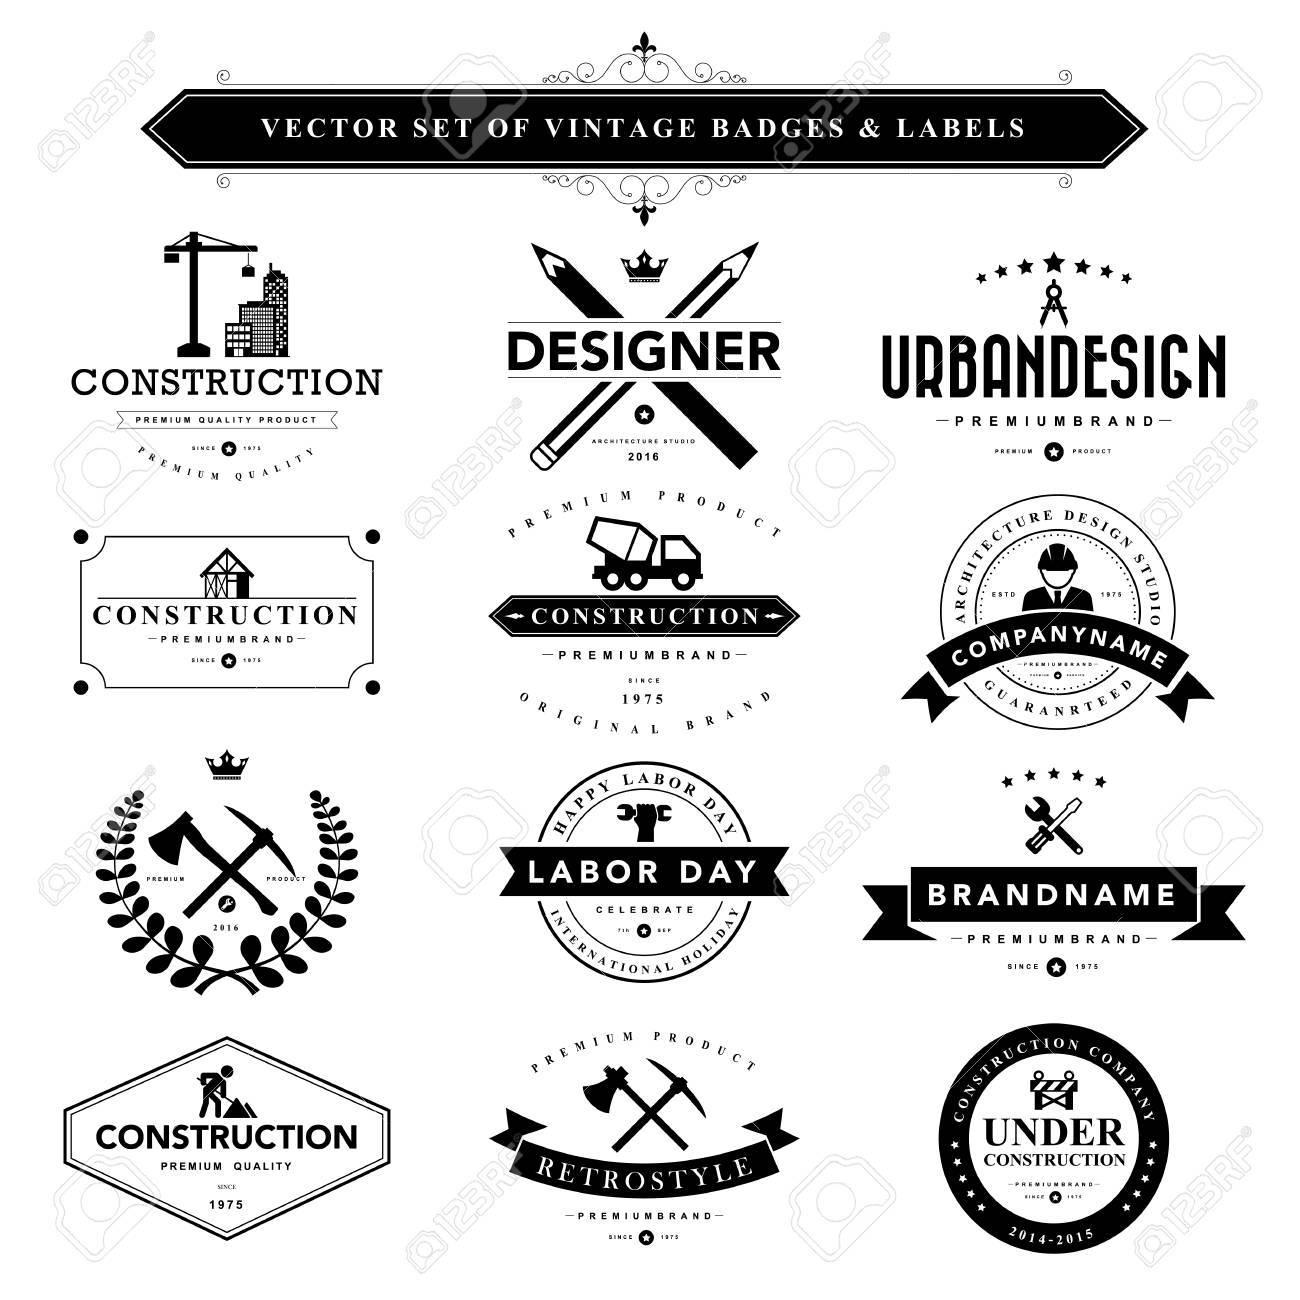 Set of black vintage badges and labels.Vector eps10 - 44544912